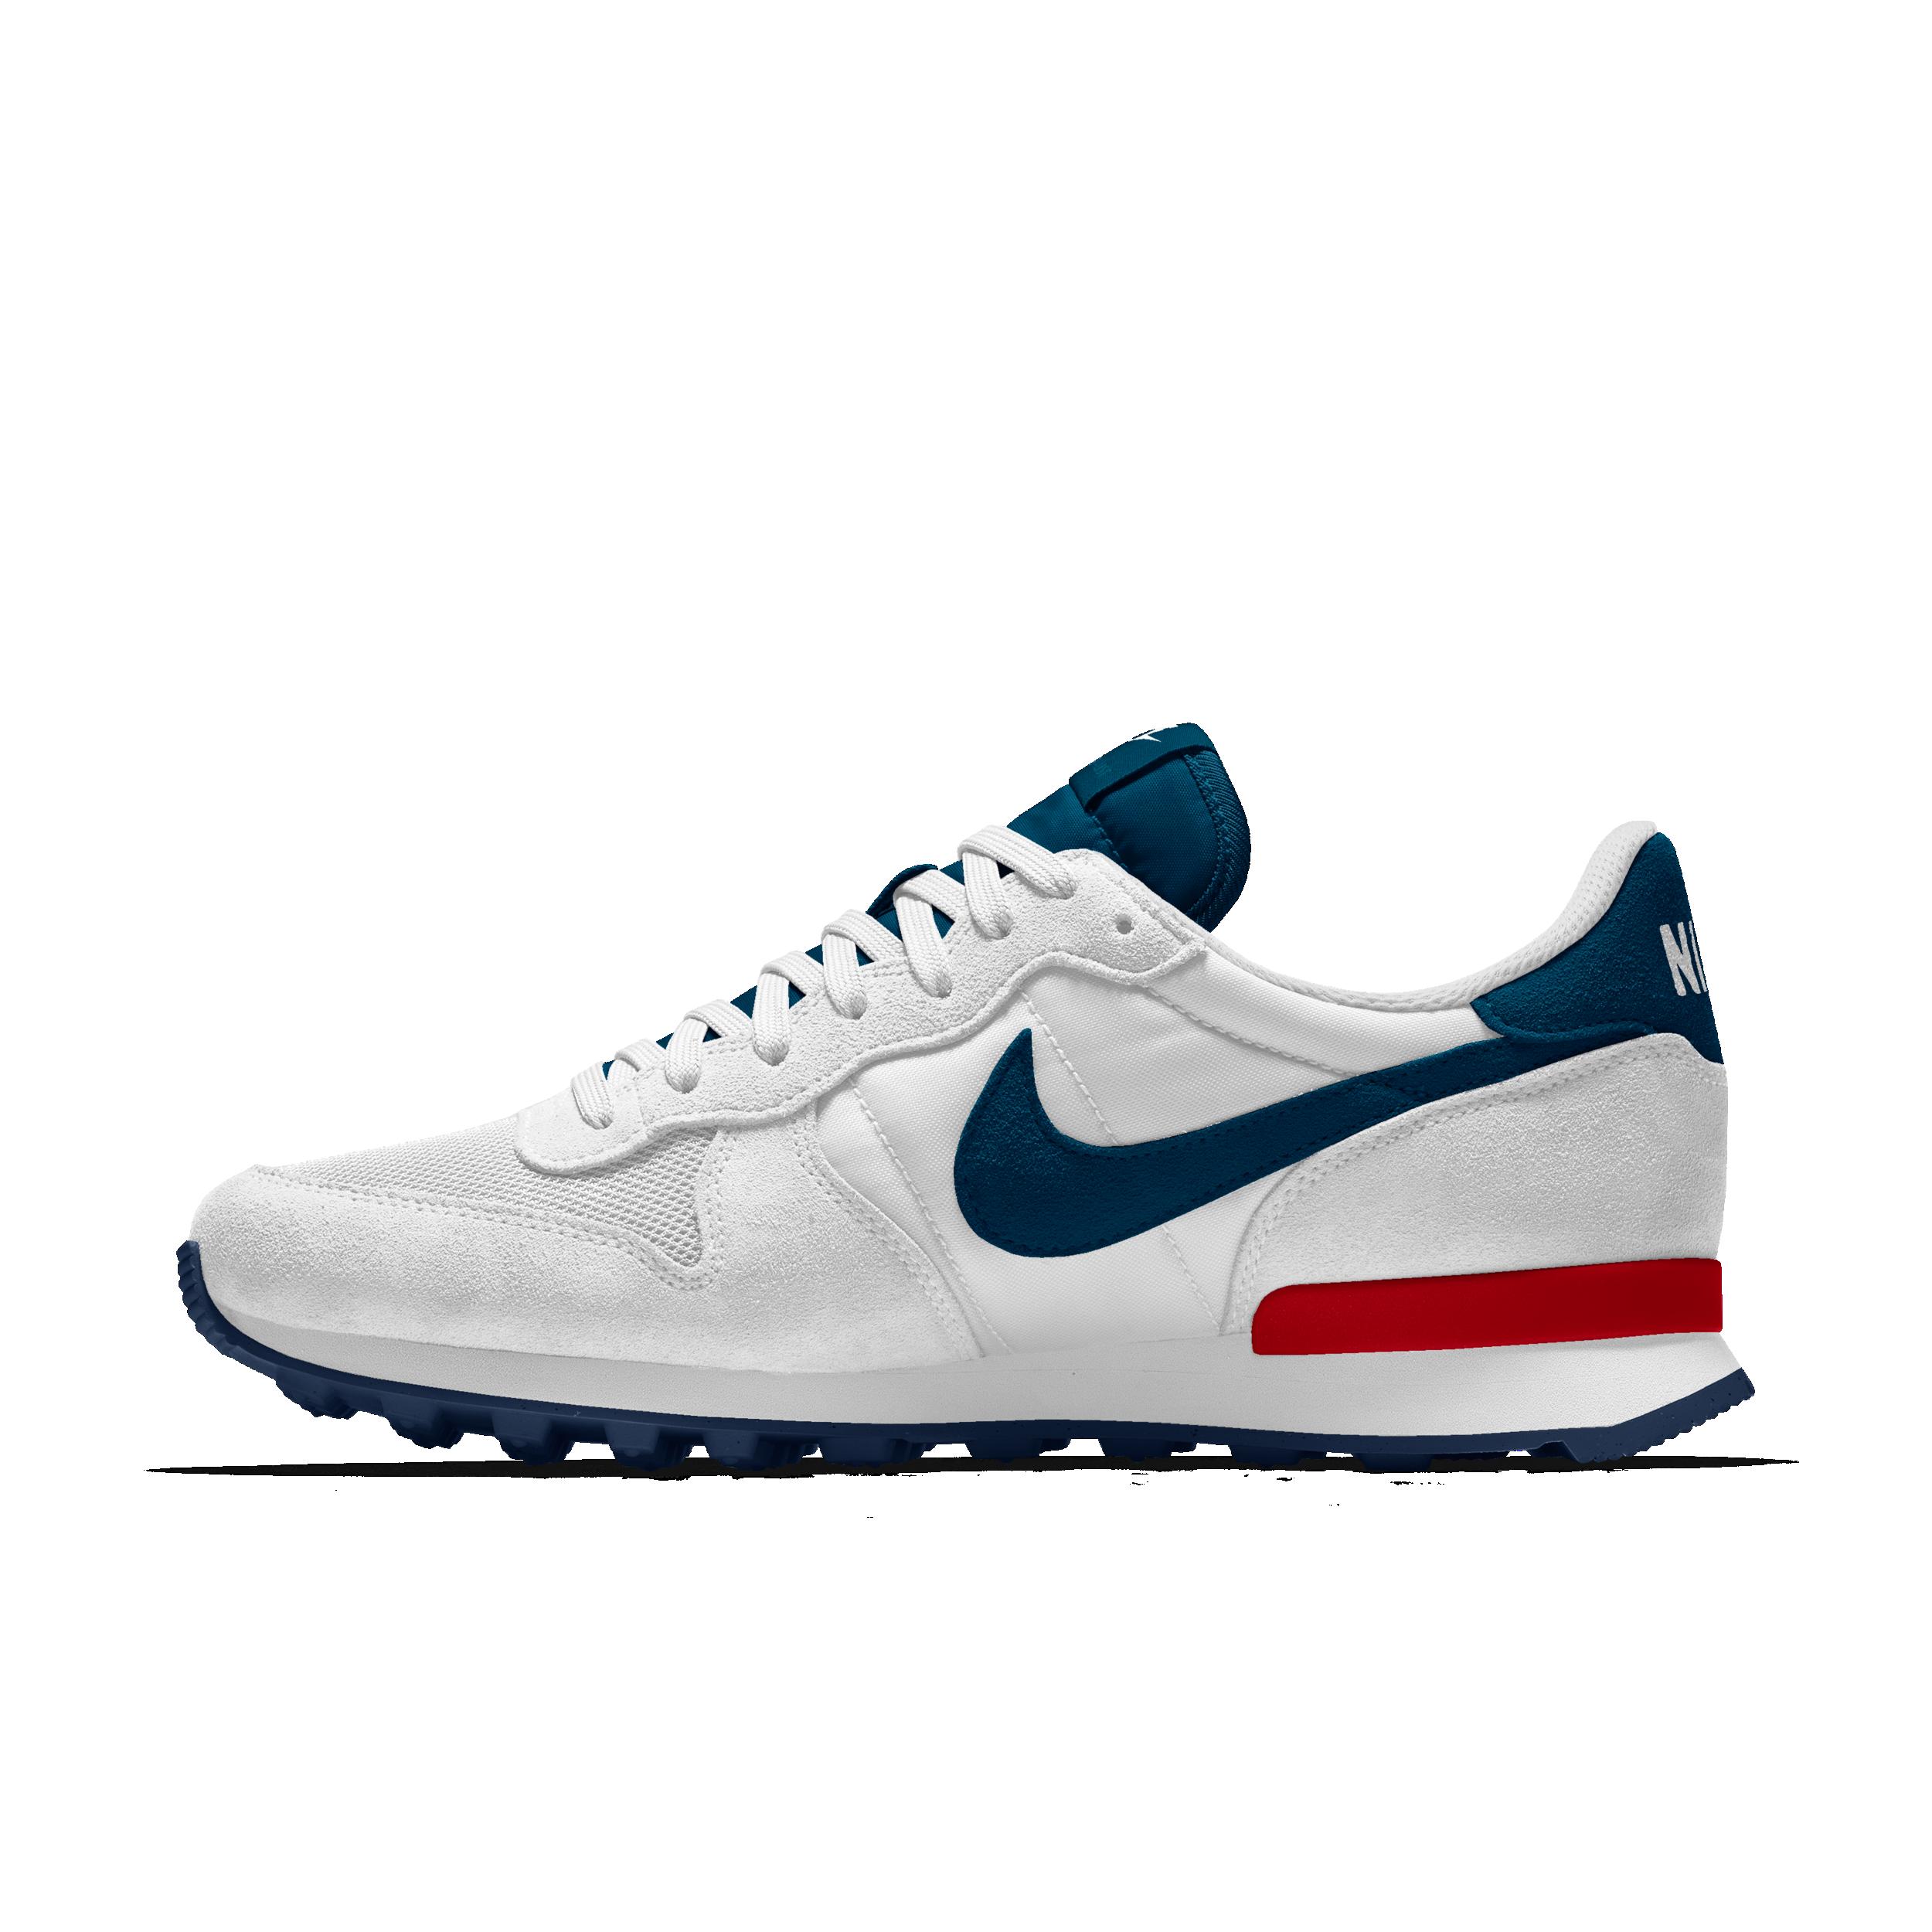 Nike Internationalist iD   Mens nike shoes, Vintage sneakers